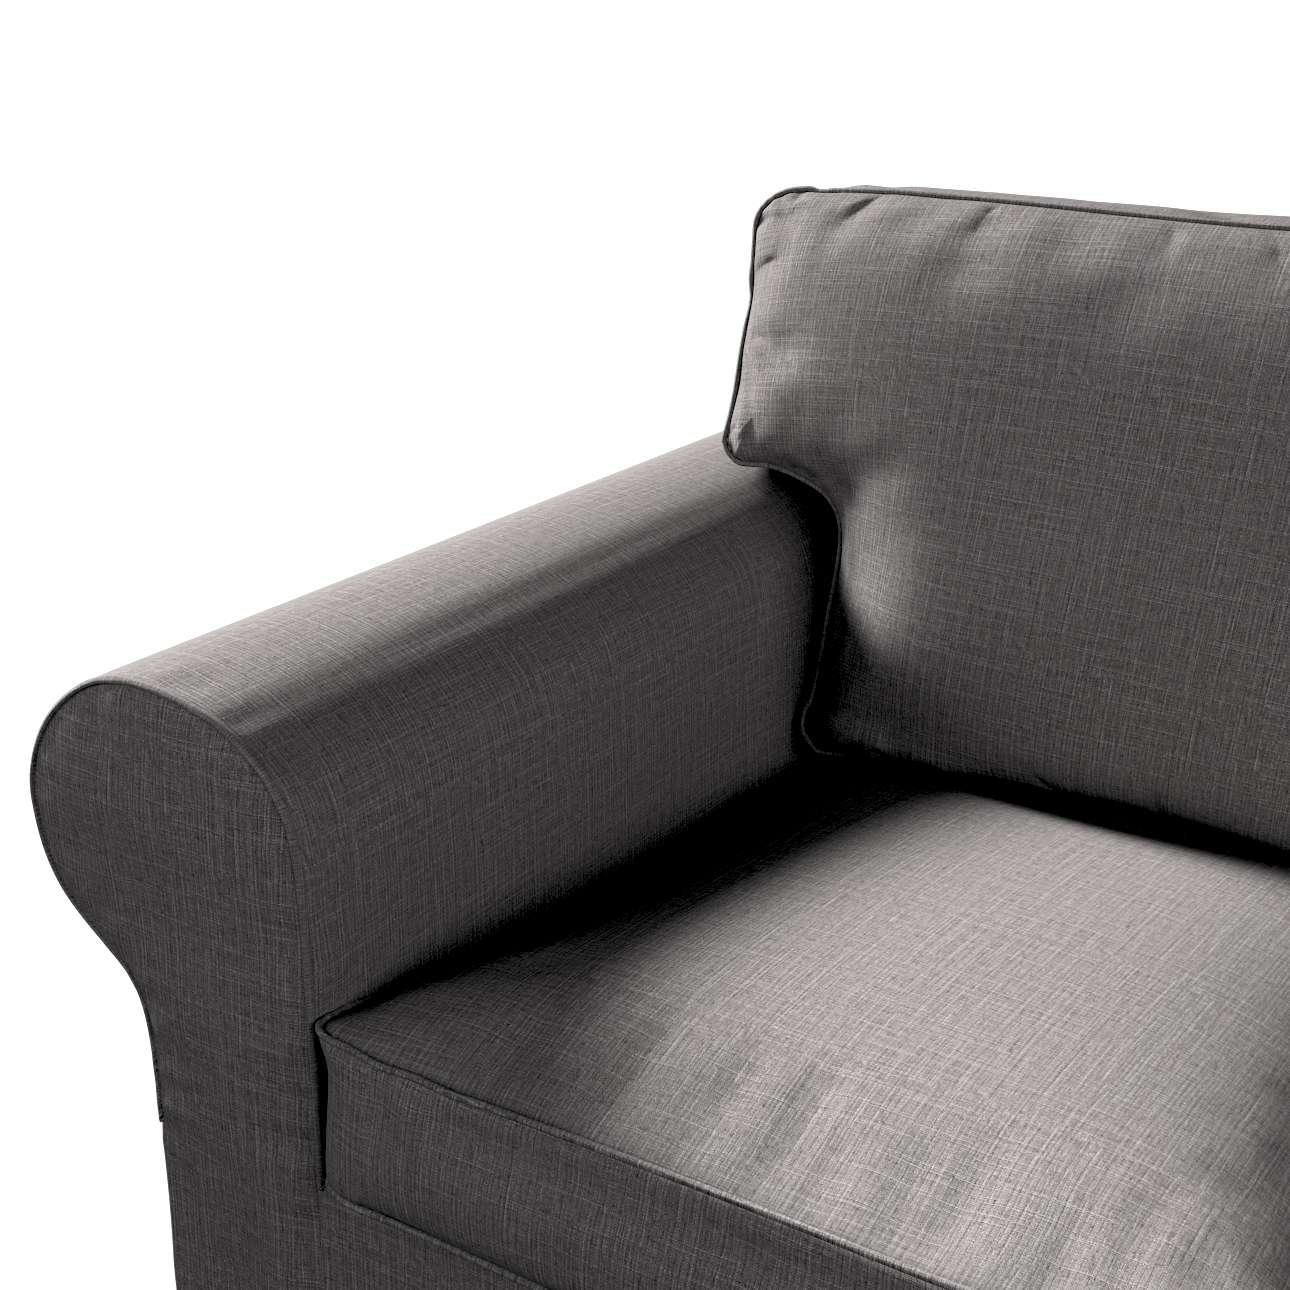 Pokrowiec na sofę Ektorp 2-osobową rozkładaną, model po 2012 w kolekcji Living, tkanina: 161-16